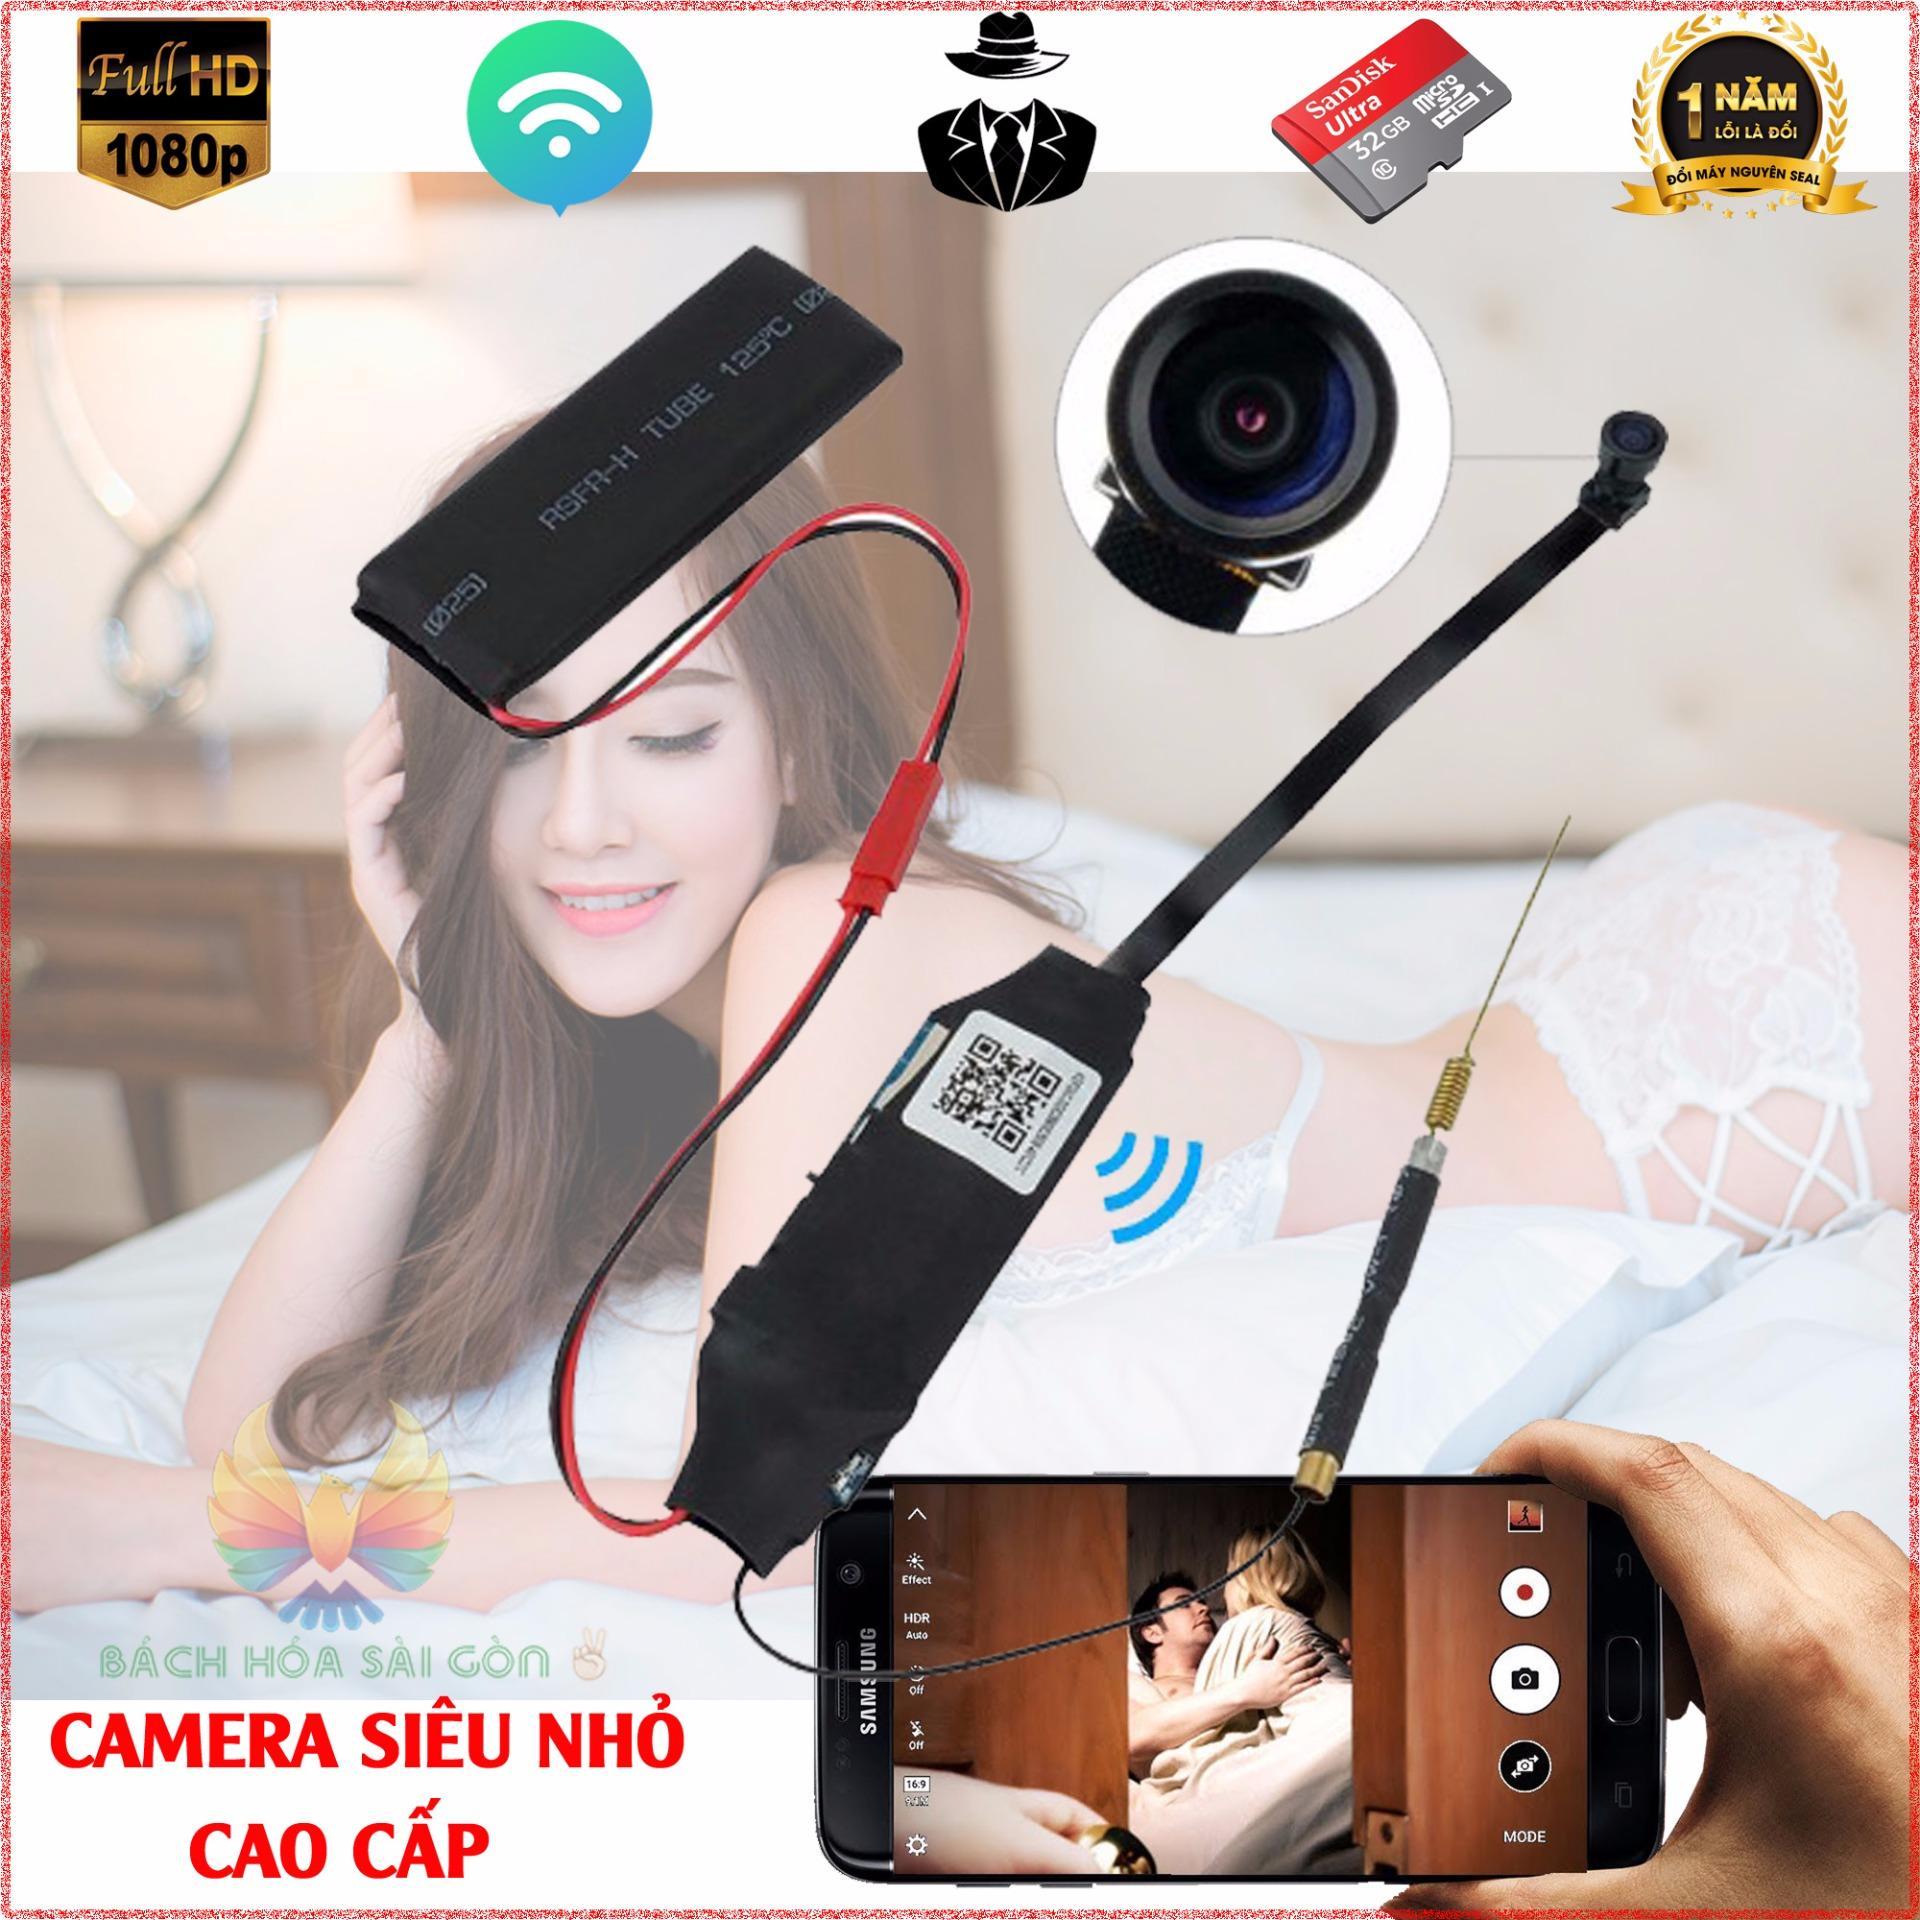 Coupon Giảm Giá V99 Camera, Camera Siêu Nhỏ Wifi, Camera Mini Wifi Full HD 1080P ( Hàng Cao Cấp - BẢN CHUẨN 1080p ) Giám Sát Từ Xa Ngay Trên Màn Hình điện Thoại, Tặng Phiếu Bảo Hành 1 Năm Toàn Quốc